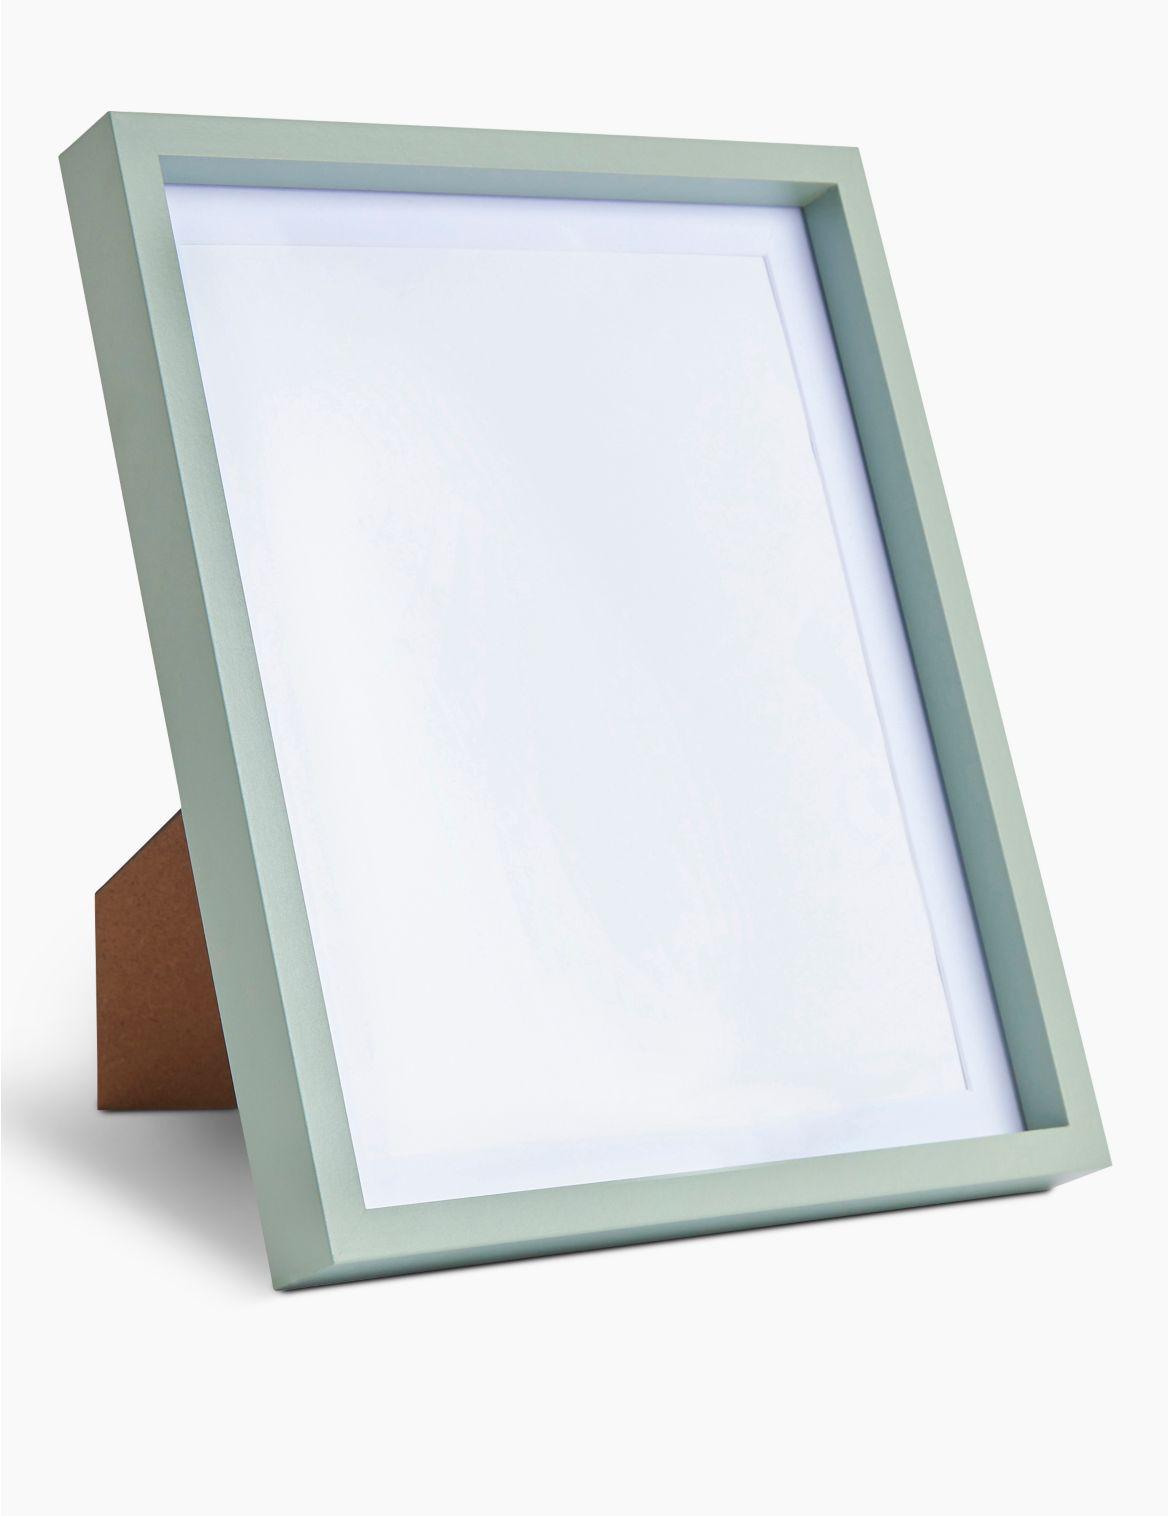 Cadre photo 20 x 25cm. DimensionsHauteur:29.7 cm;Largeur:24.7 cm;Profondeur:2.9 cm;Poids:0.73 kg;Fiche produitImage avec cadre: 20,3 x 2